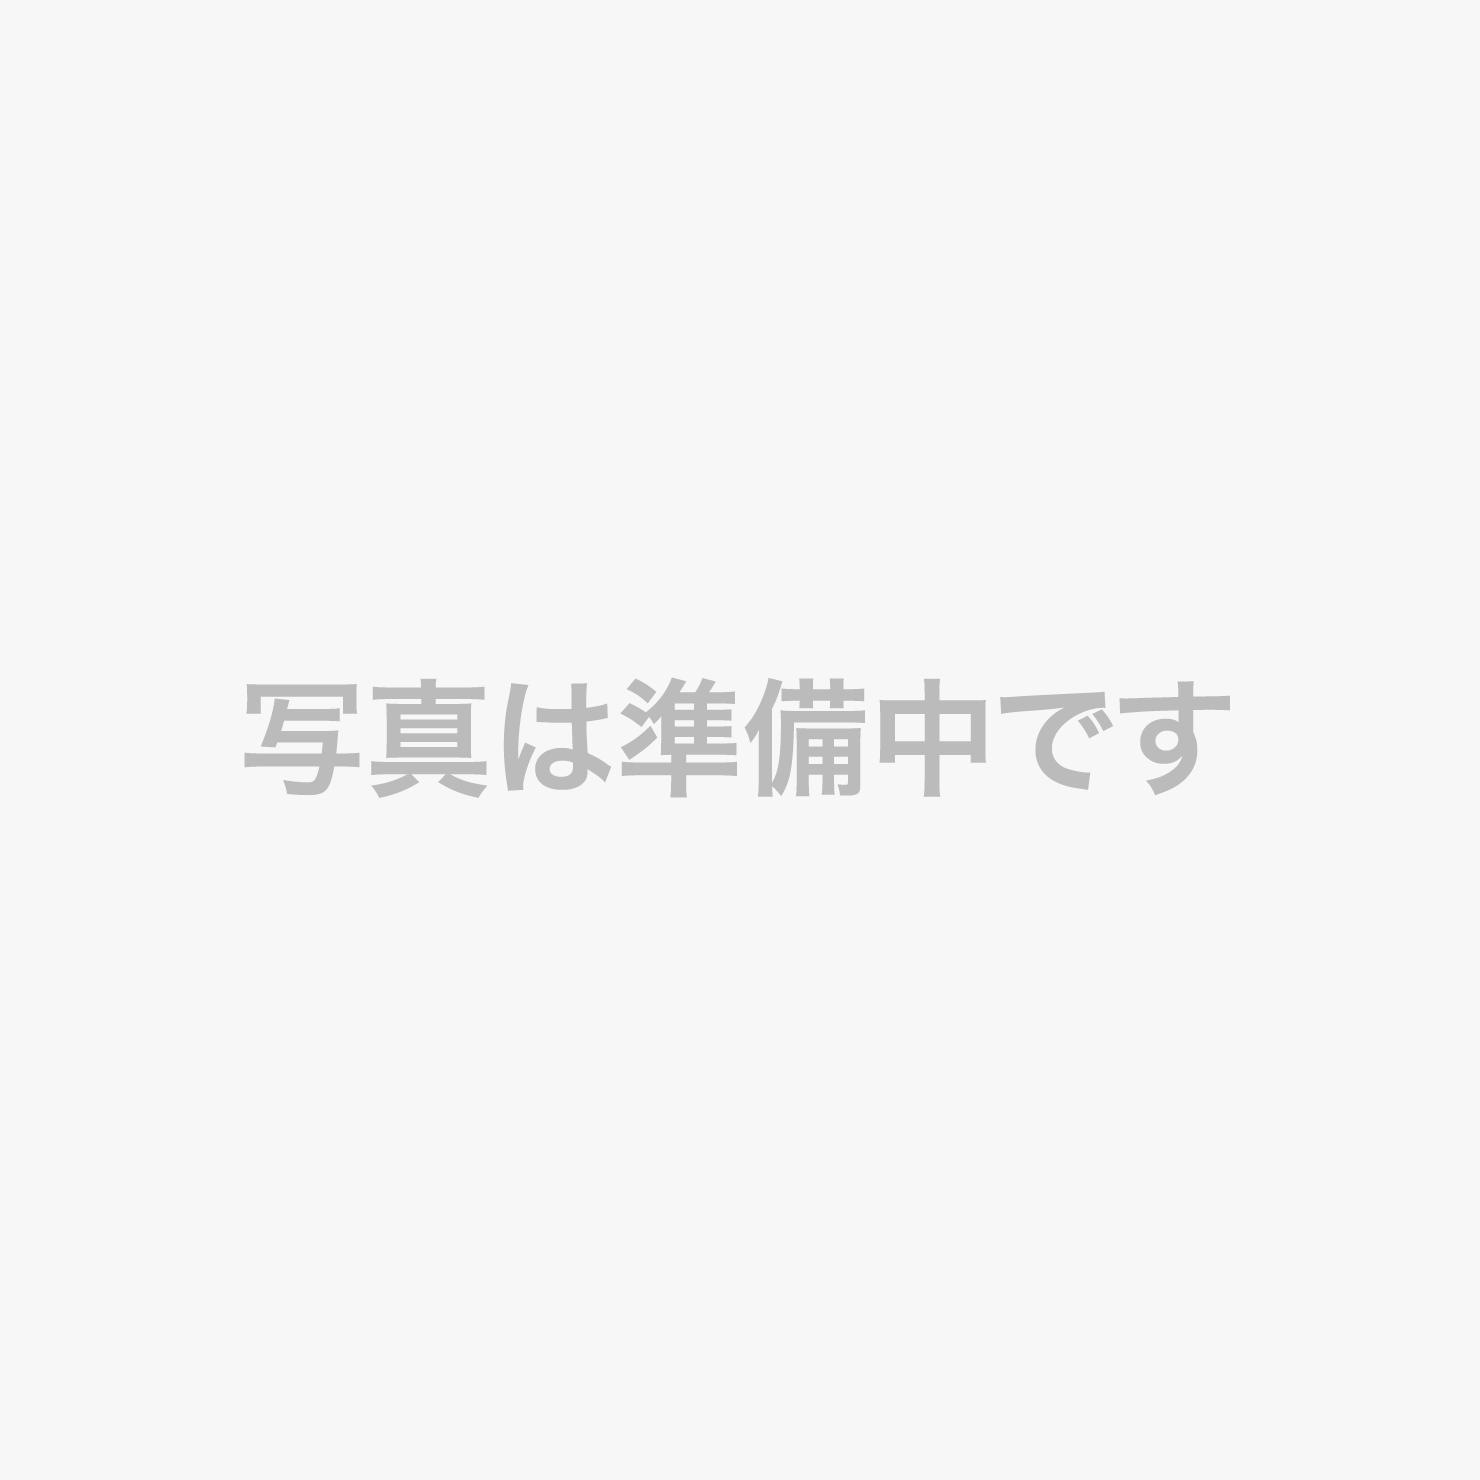 「茹で落花生」